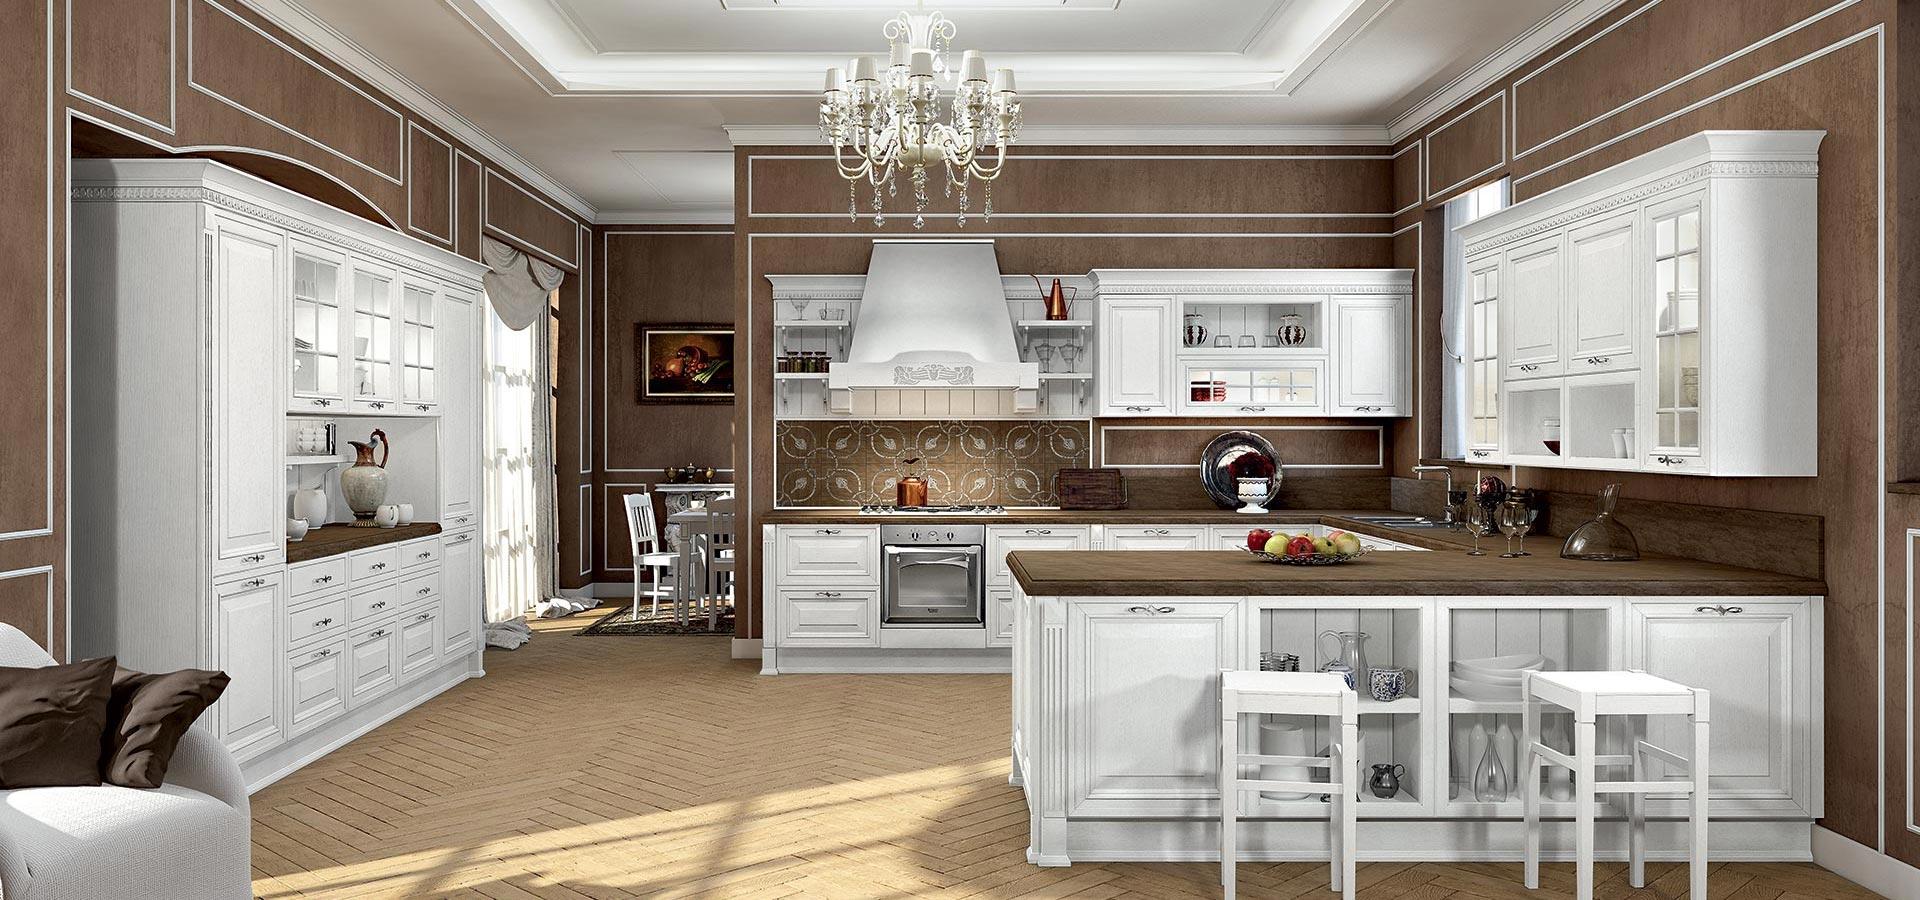 Arredo 3 cucine modello viktoria provenzale legno cucine - Cucina provenzale bianca ...